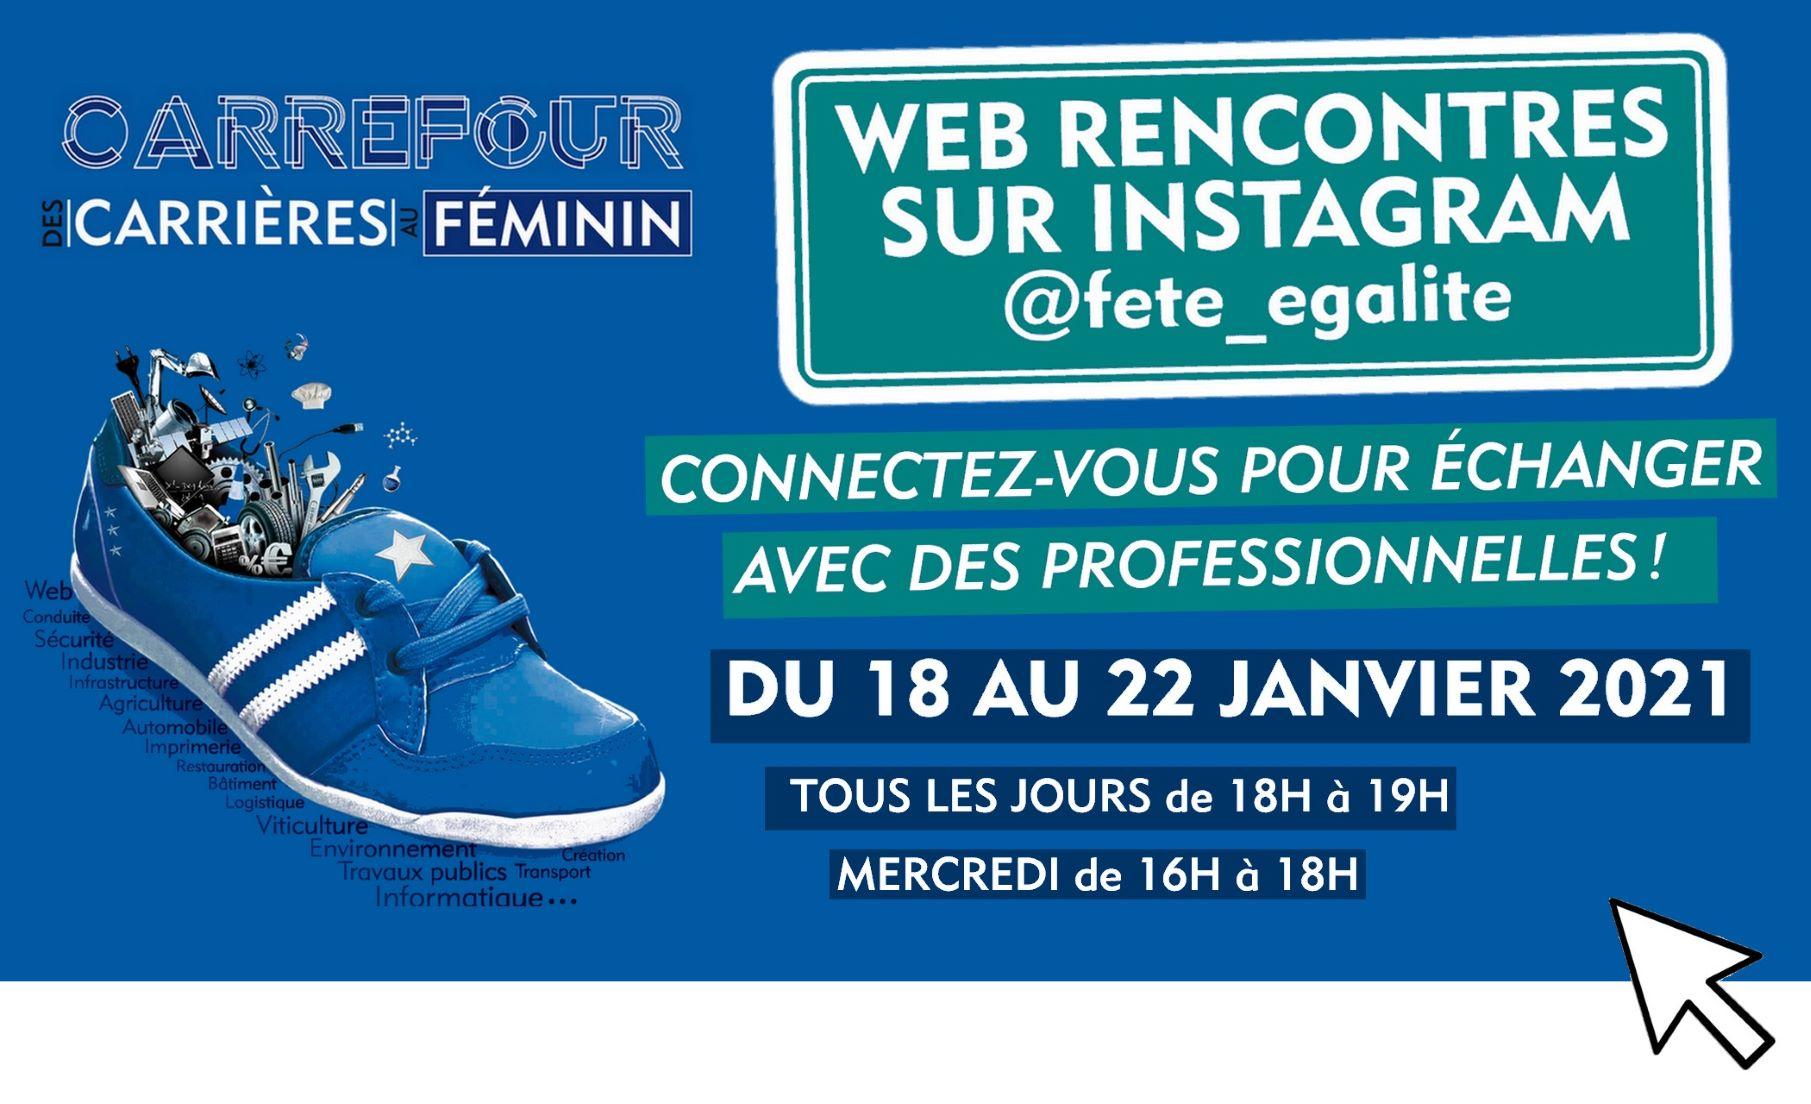 Carrefour des carrières au féminin : Alteca s'engage !